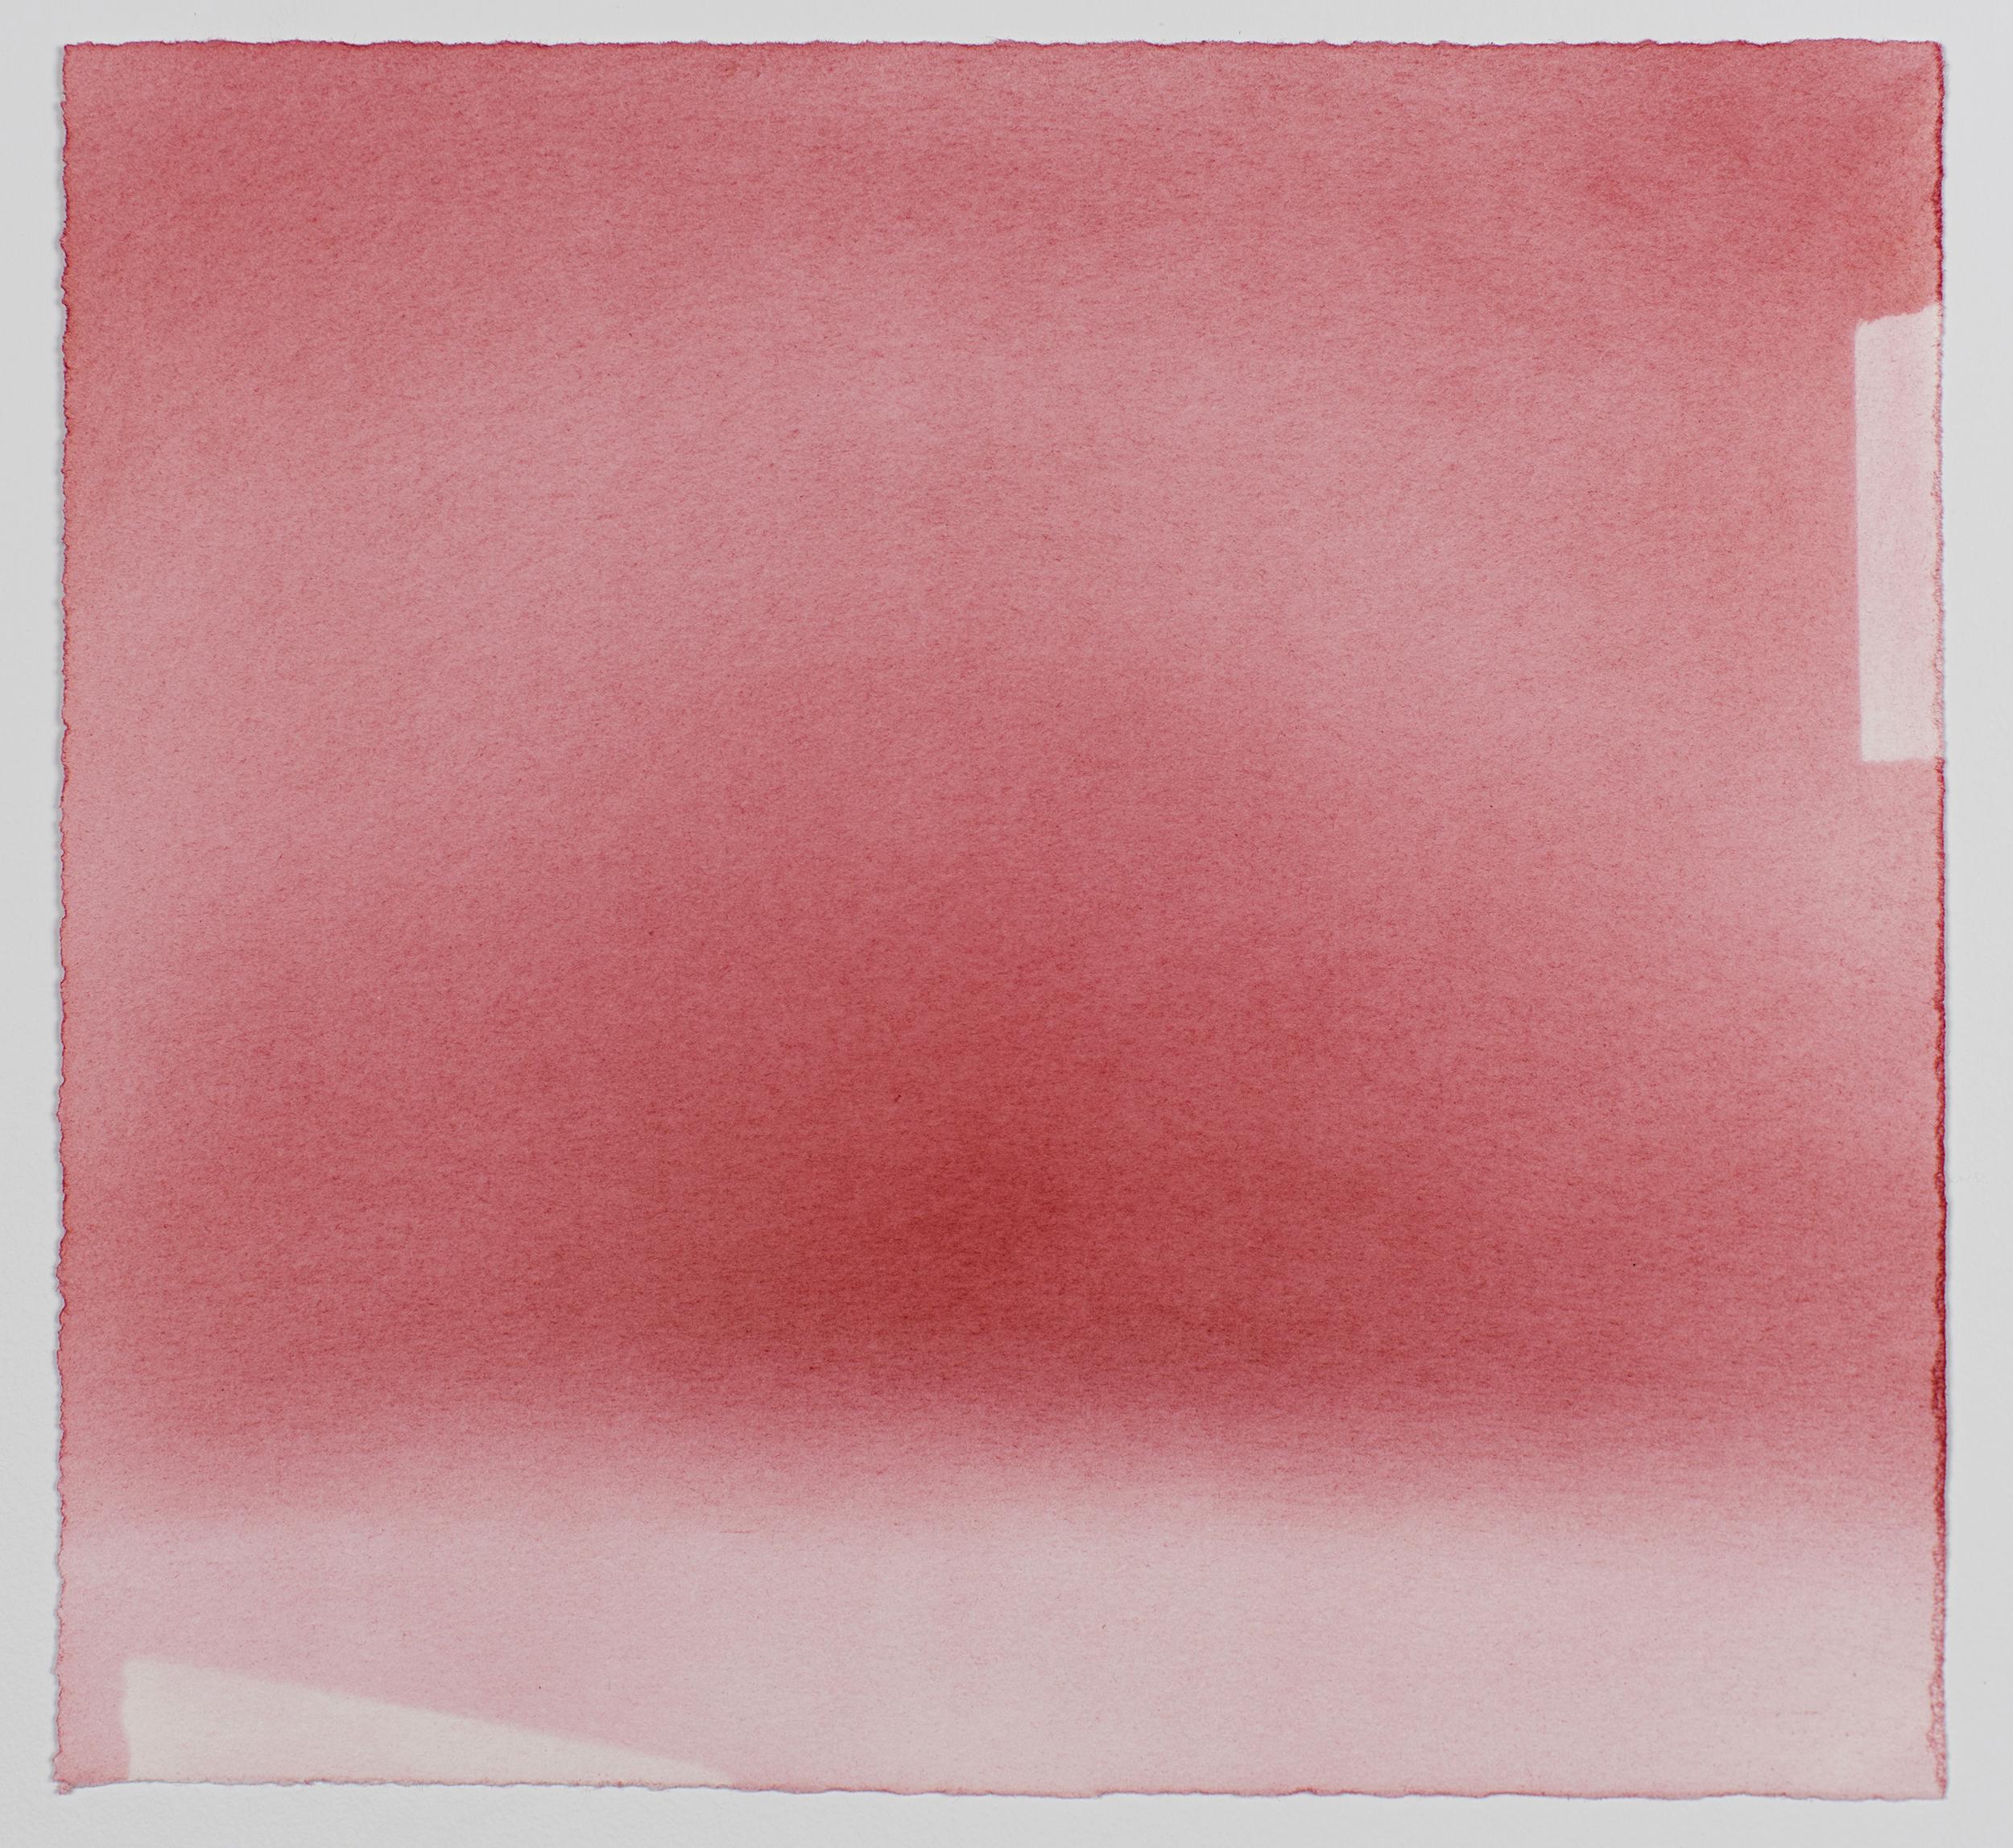 """Andréanne Godin,  Sans titre IX  (de la série  Les chemins de résistance ), 2017, pigments secs (rouge pyrrole) sur papier Arches, 20 x 21.5 cm (8"""" x 8.5"""")"""